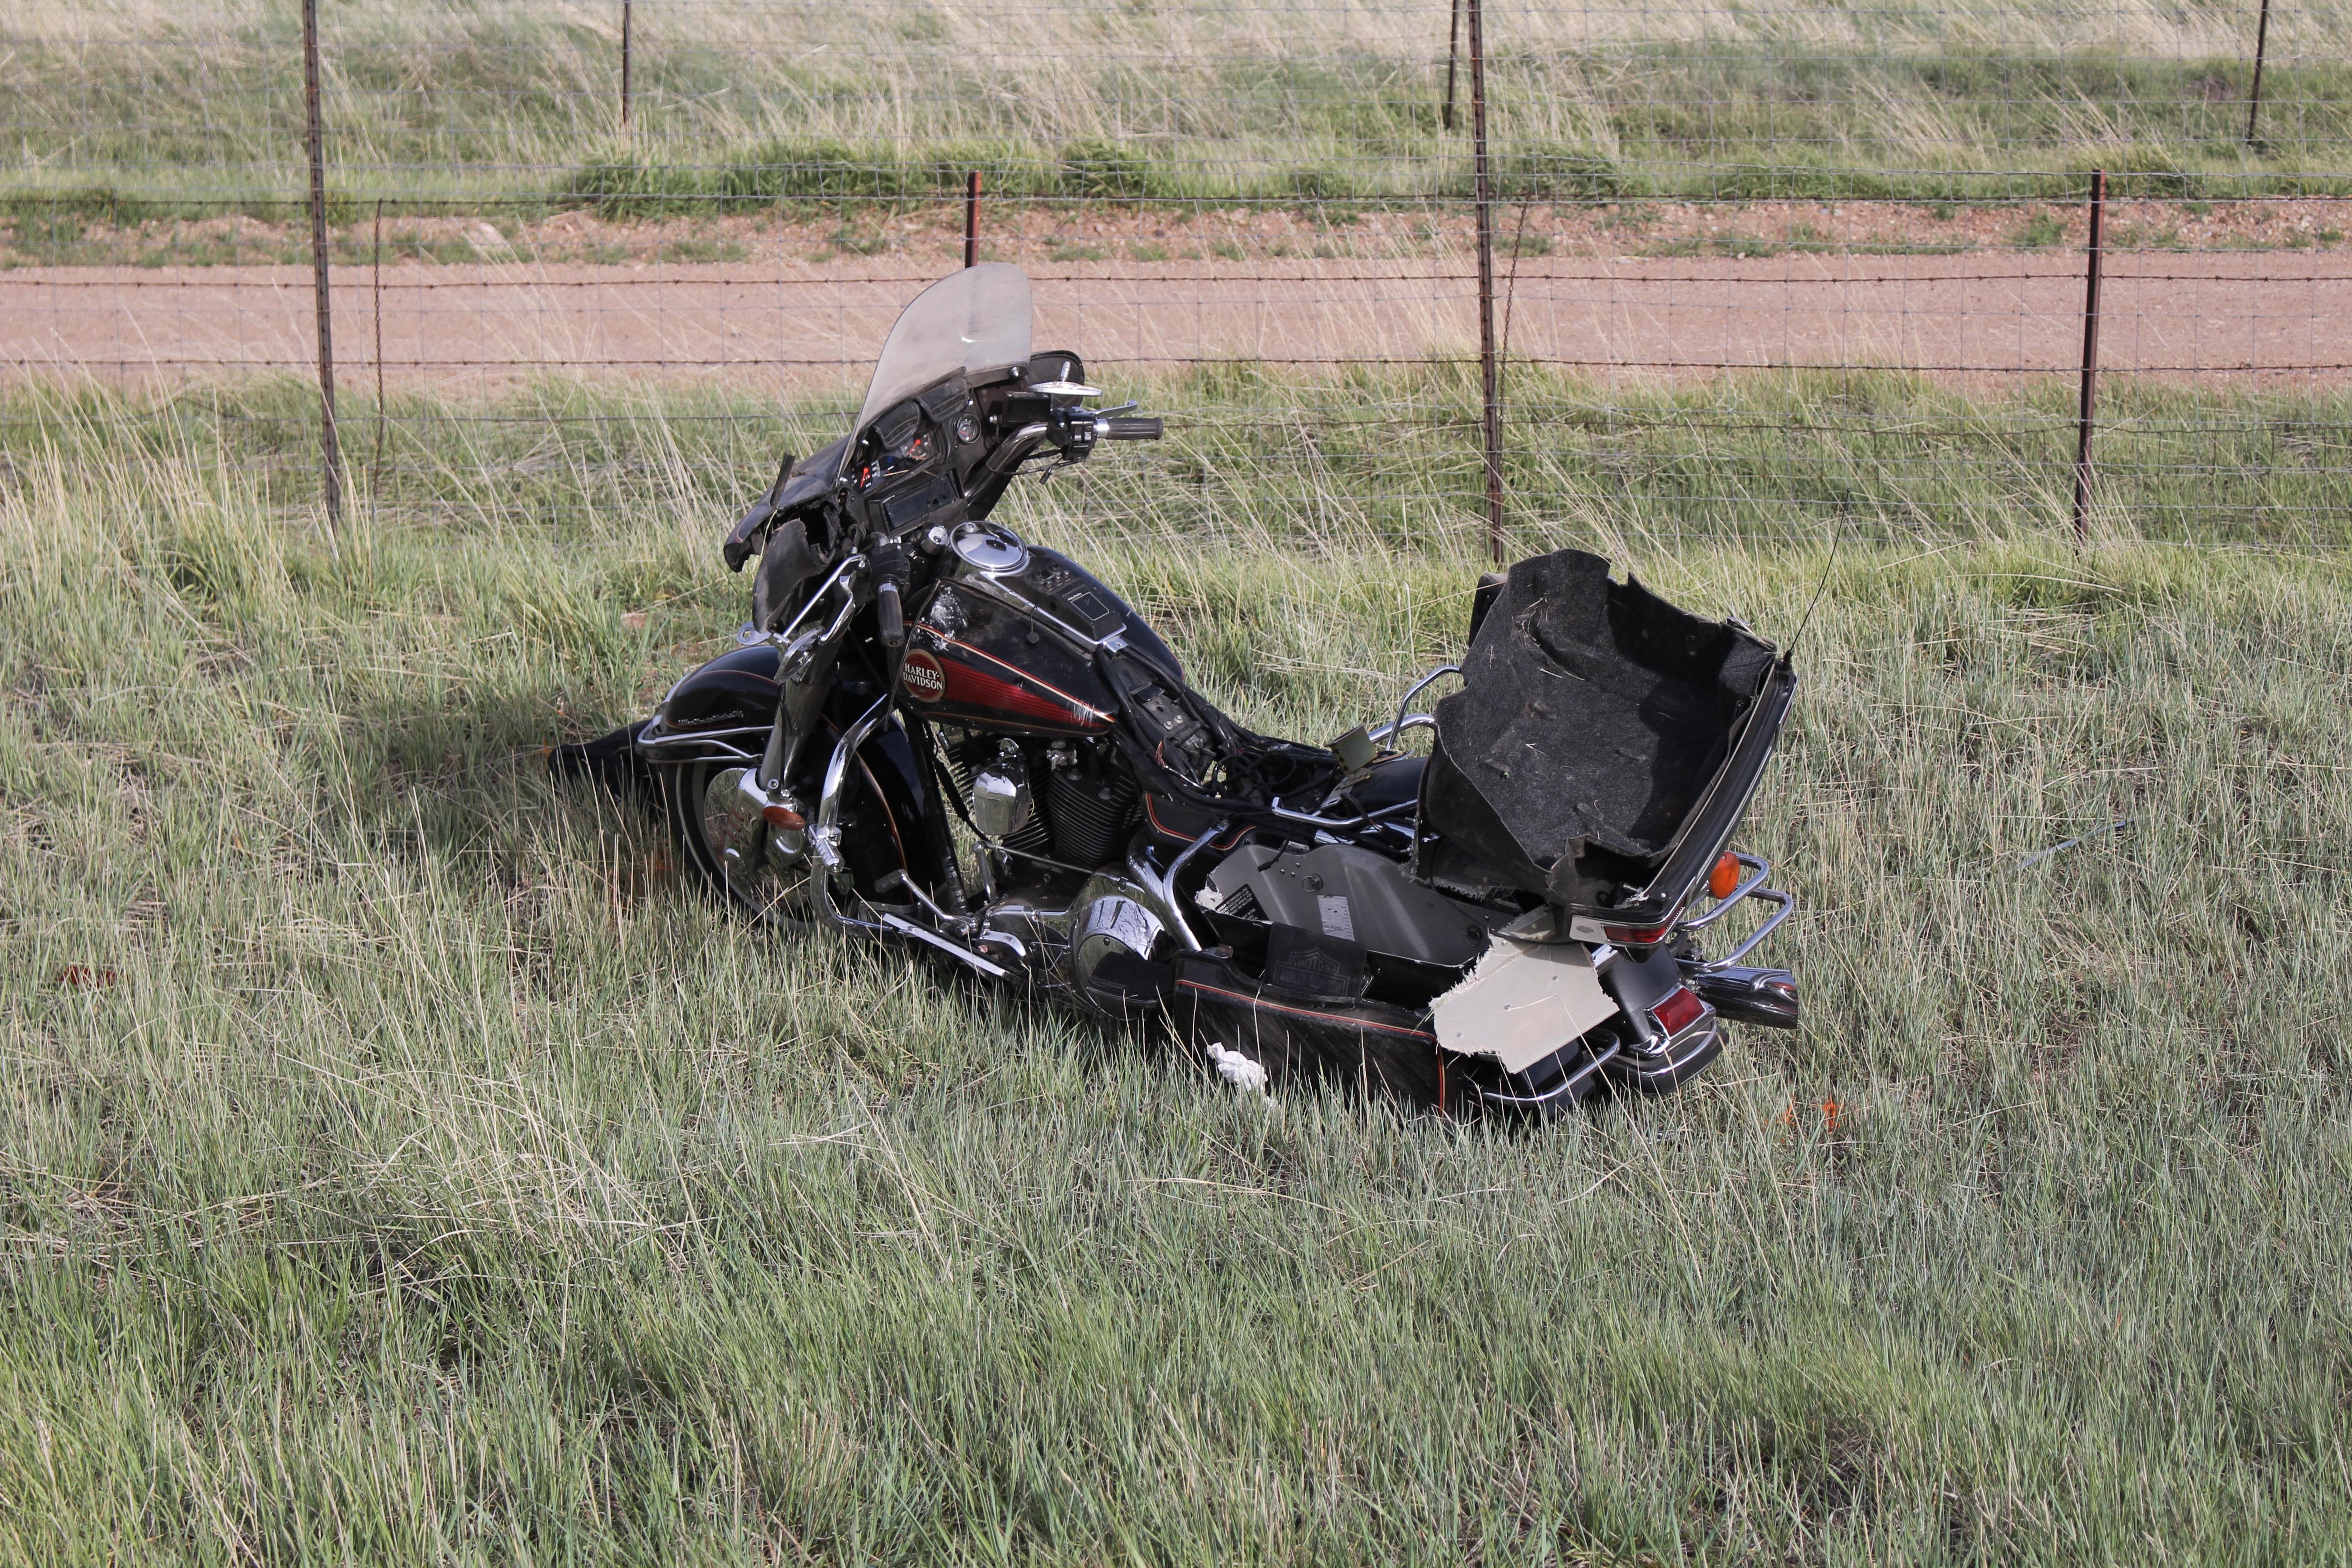 Millard County Sheriff's deputy dead following motorcycle accident